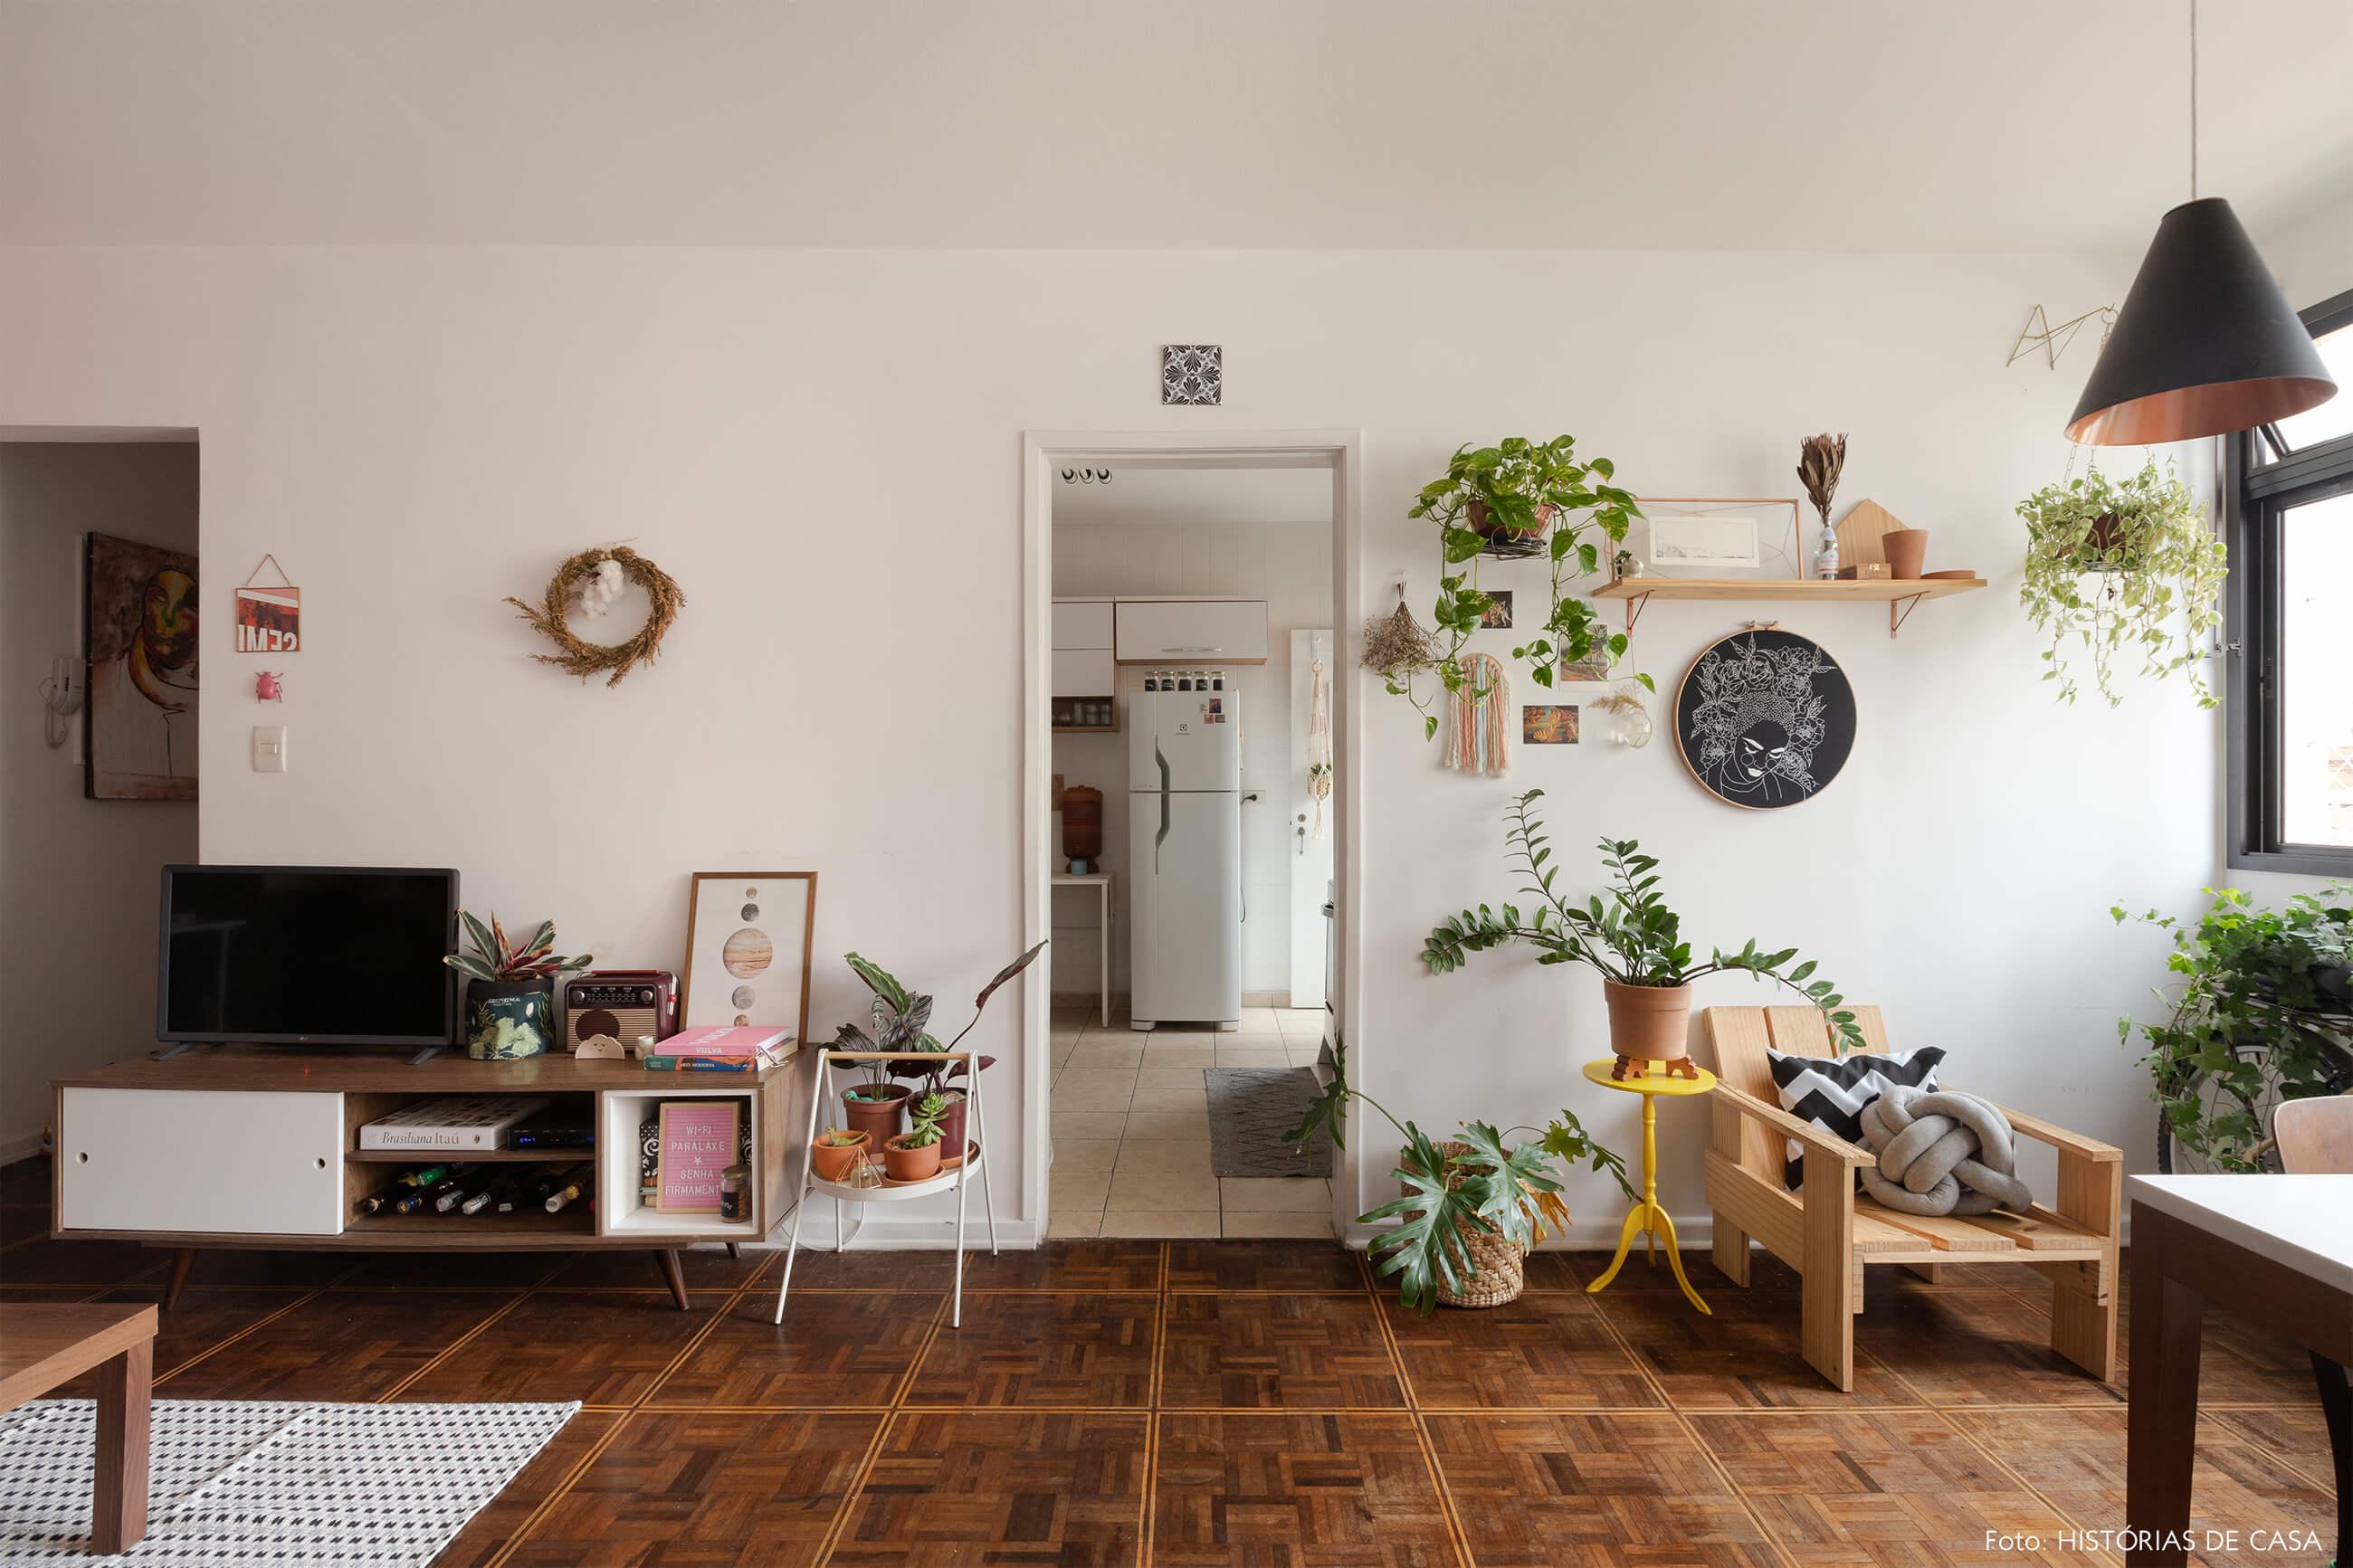 decoração-com-piso-e-cadeiras-de-madeira